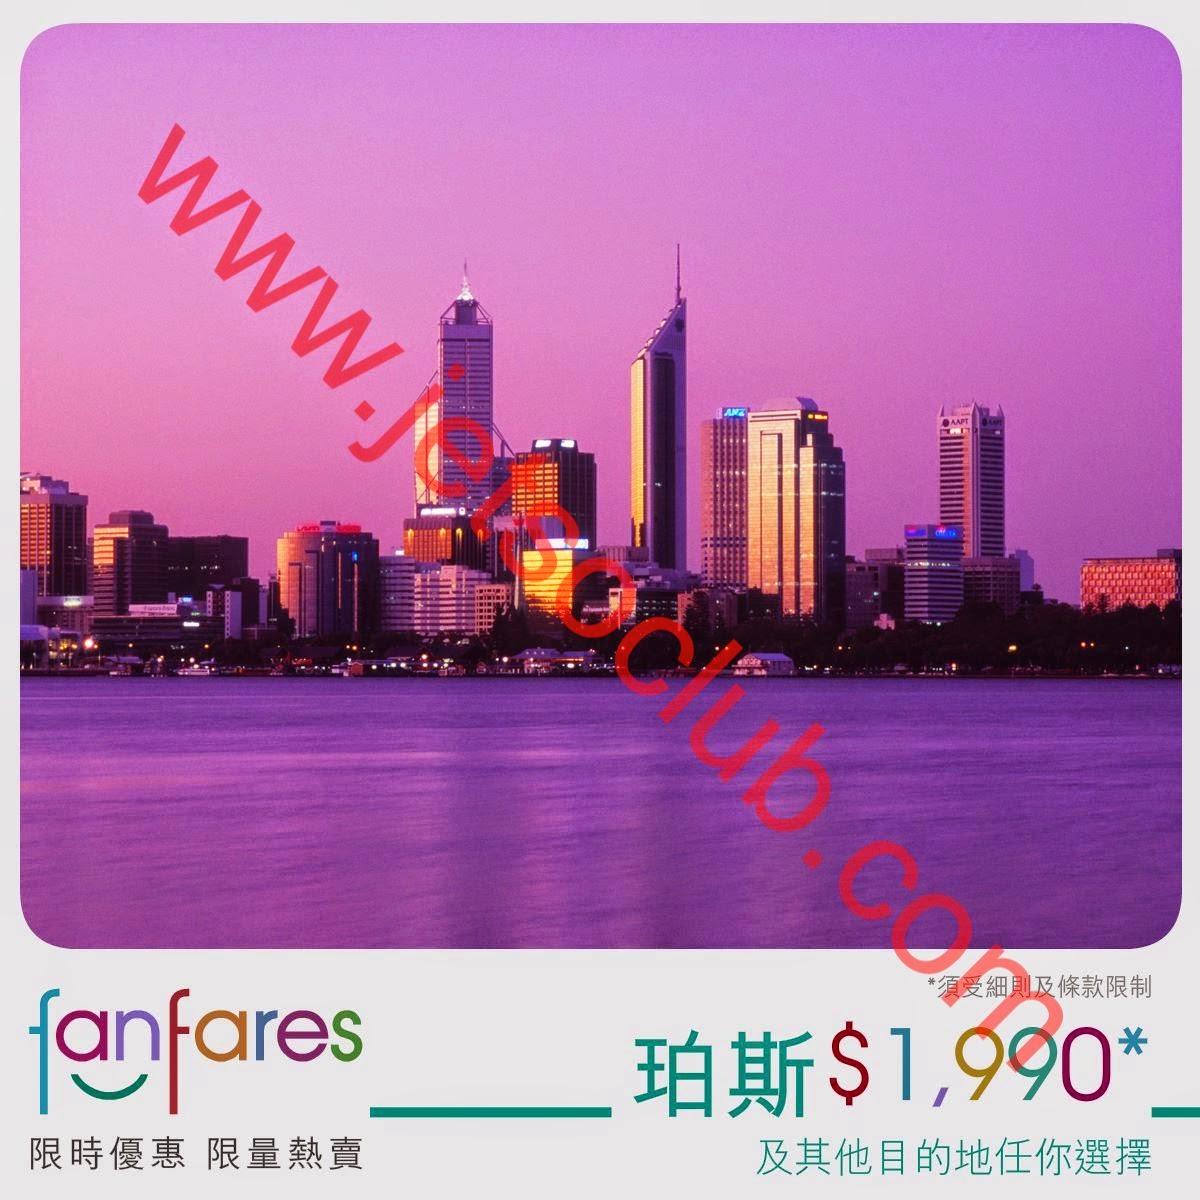 國泰/港龍:吉隆坡/檳城$990 東京$1690 珀斯$1990 及其他城市(訂購5/8起) ( Jetso Club 著數俱樂部 )